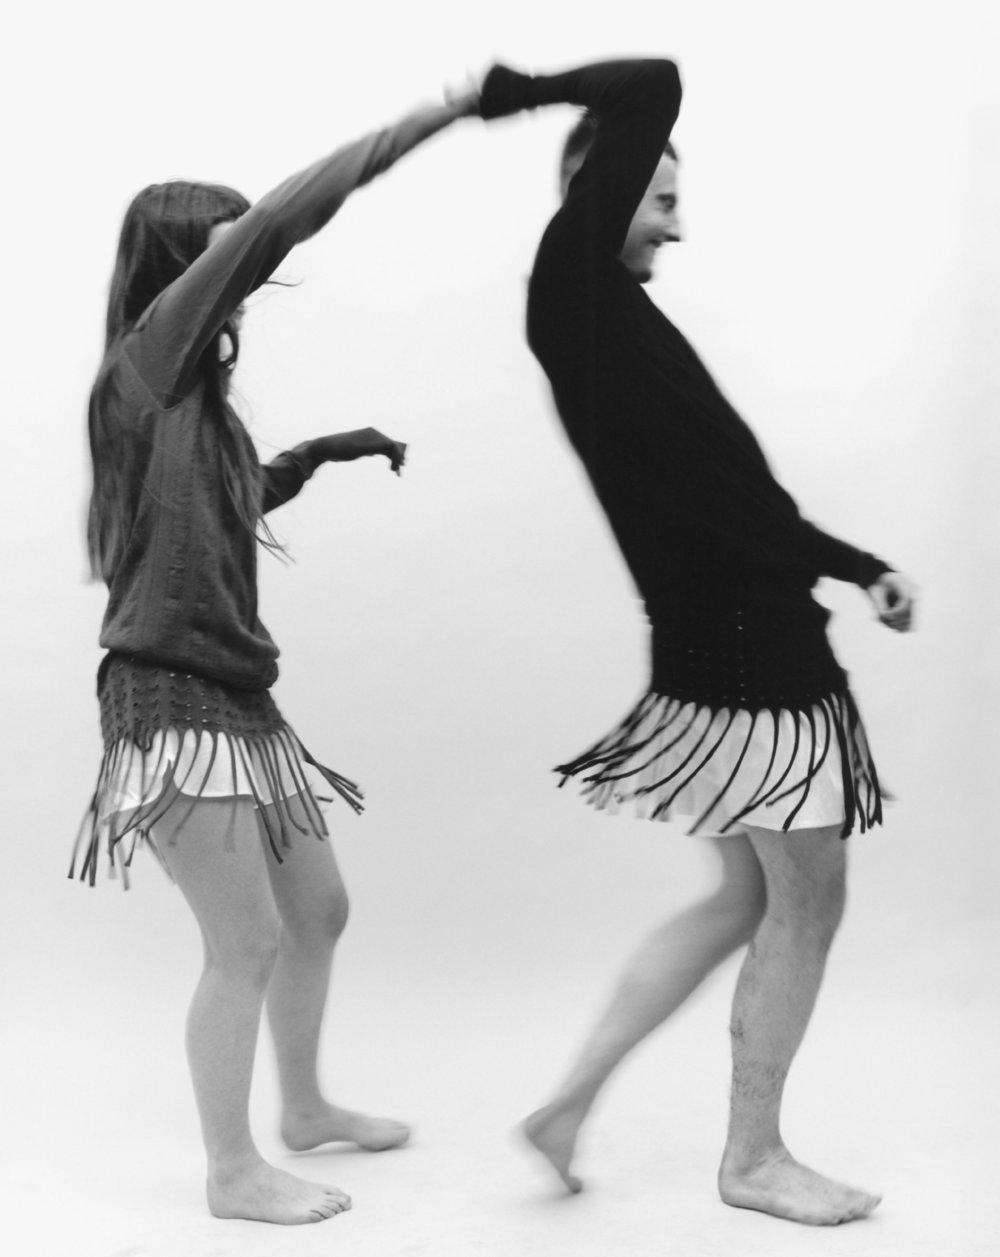 Cae y Amy visten ropa interior de  SUNSPEL  y vestidos de  J.W.ANDERSON.